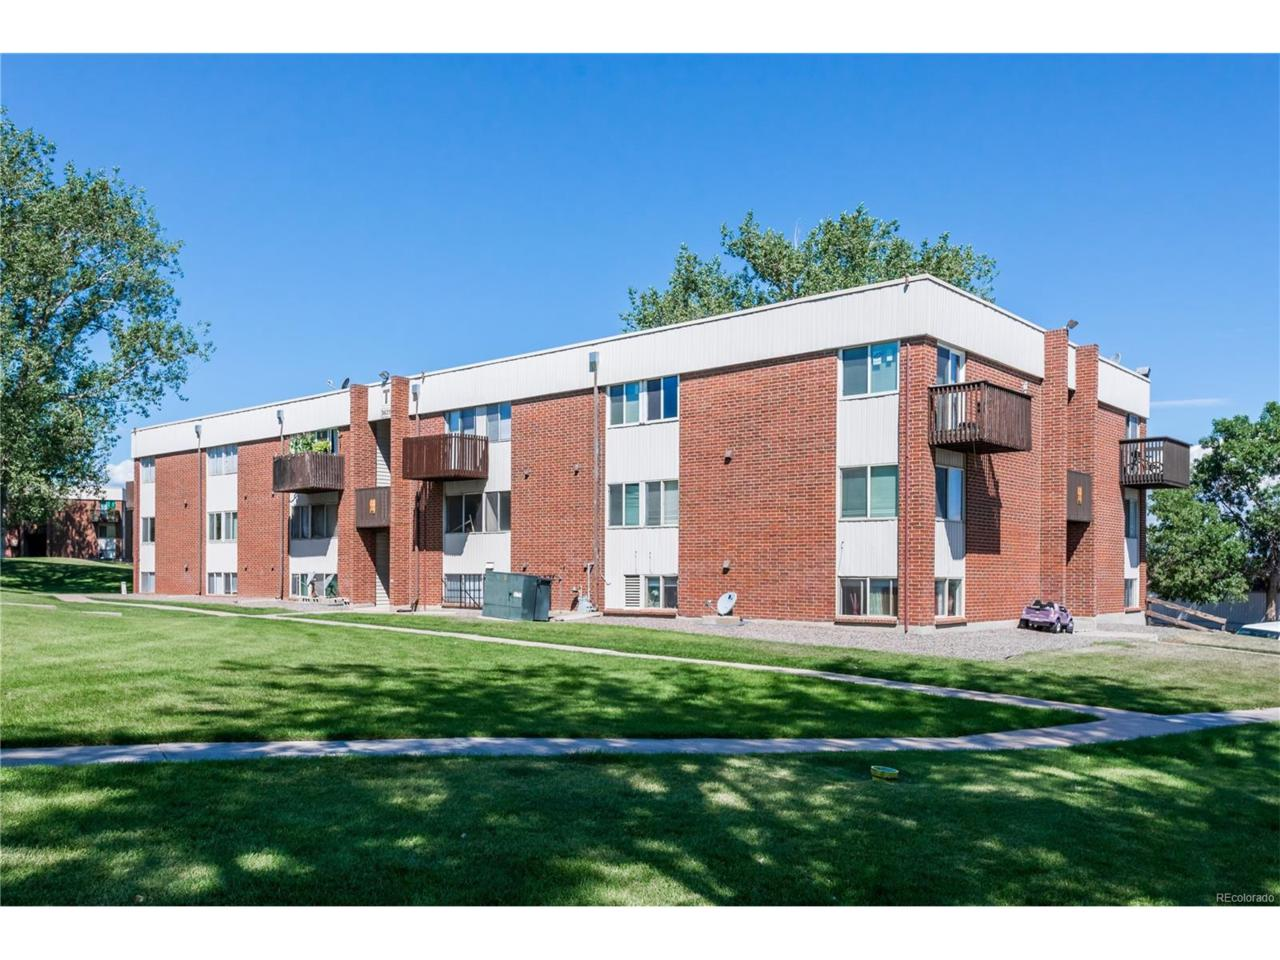 3623 S Sheridan Boulevard #8, Lakewood, CO 80235 (MLS #1610305) :: 8z Real Estate